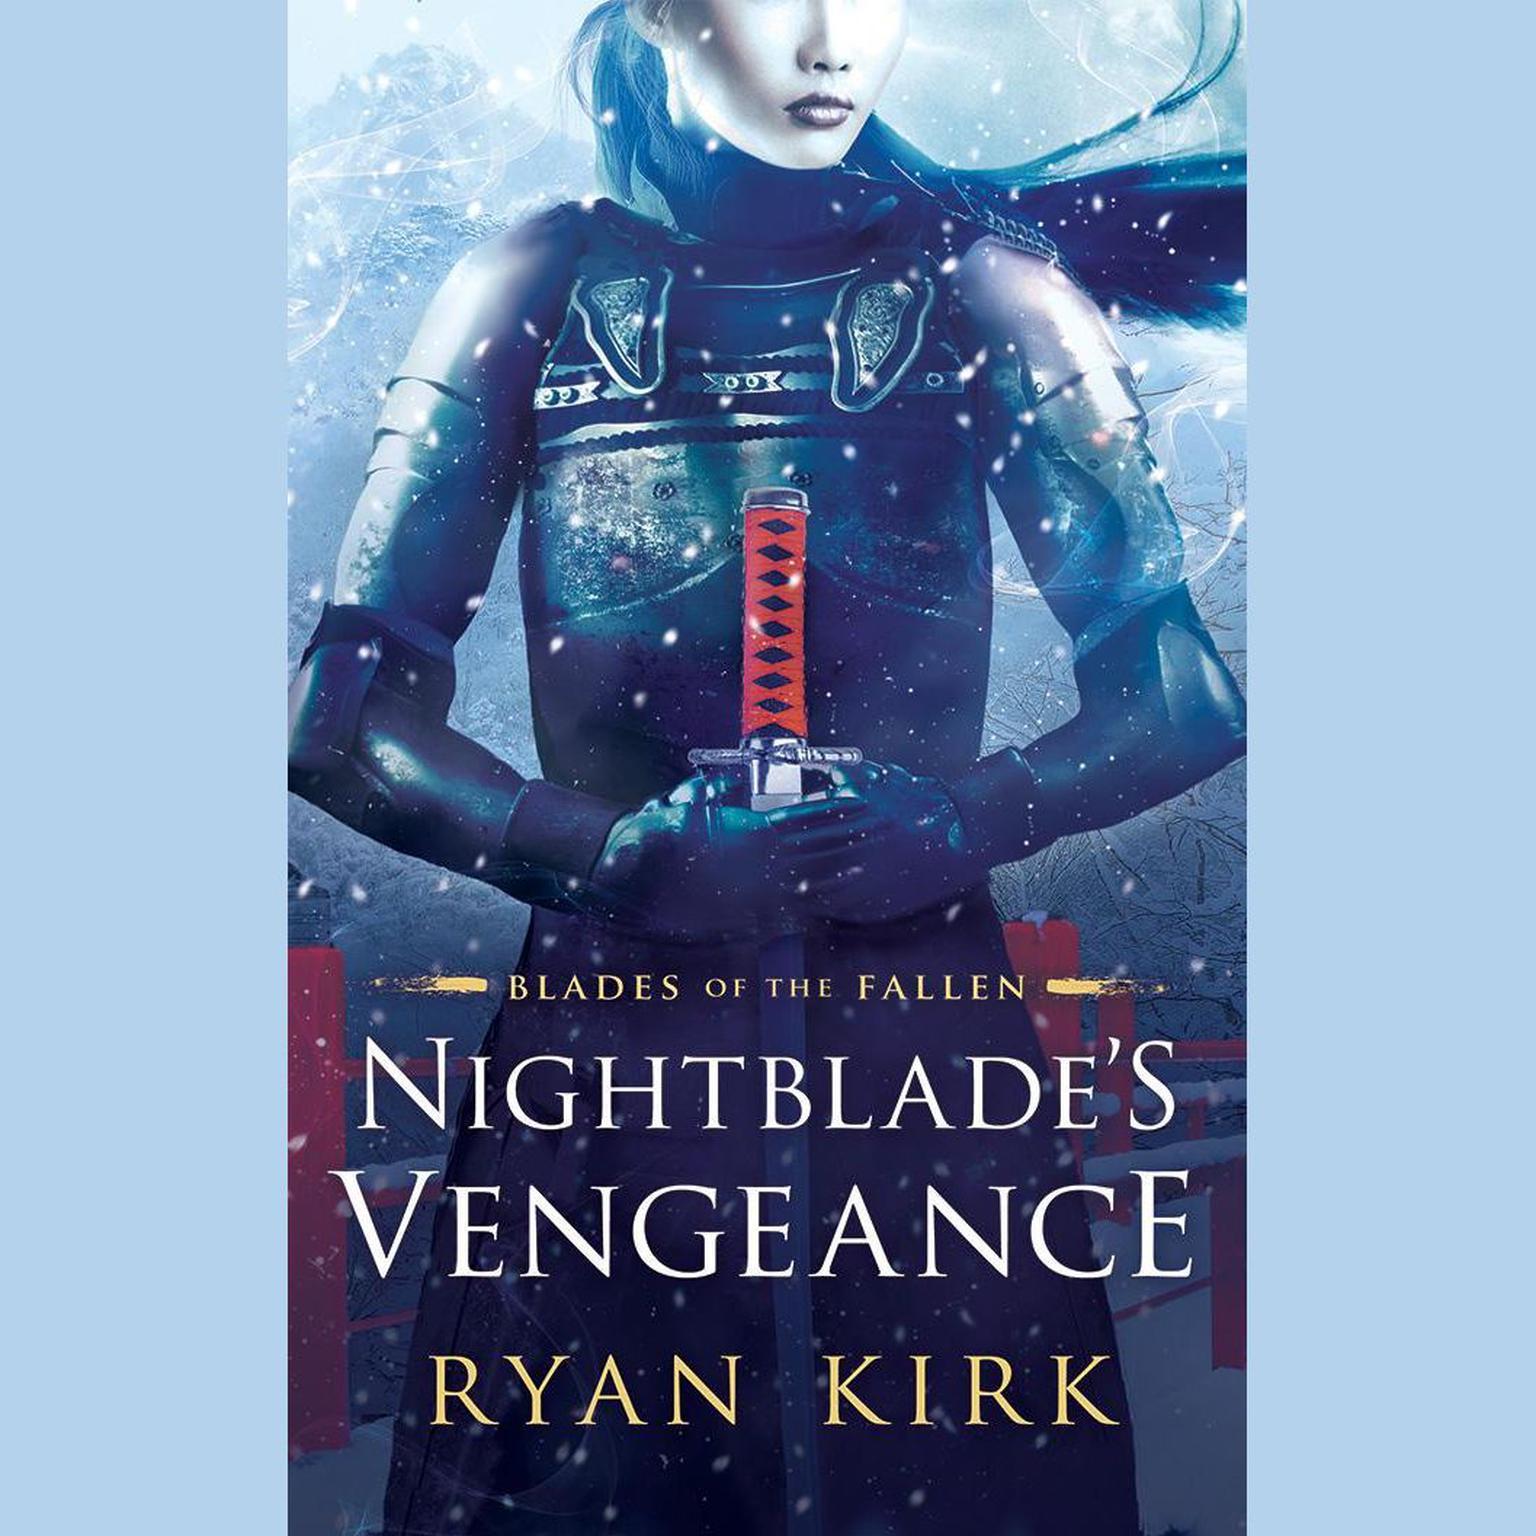 Nightblades Vengeance Audiobook, by Ryan Kirk